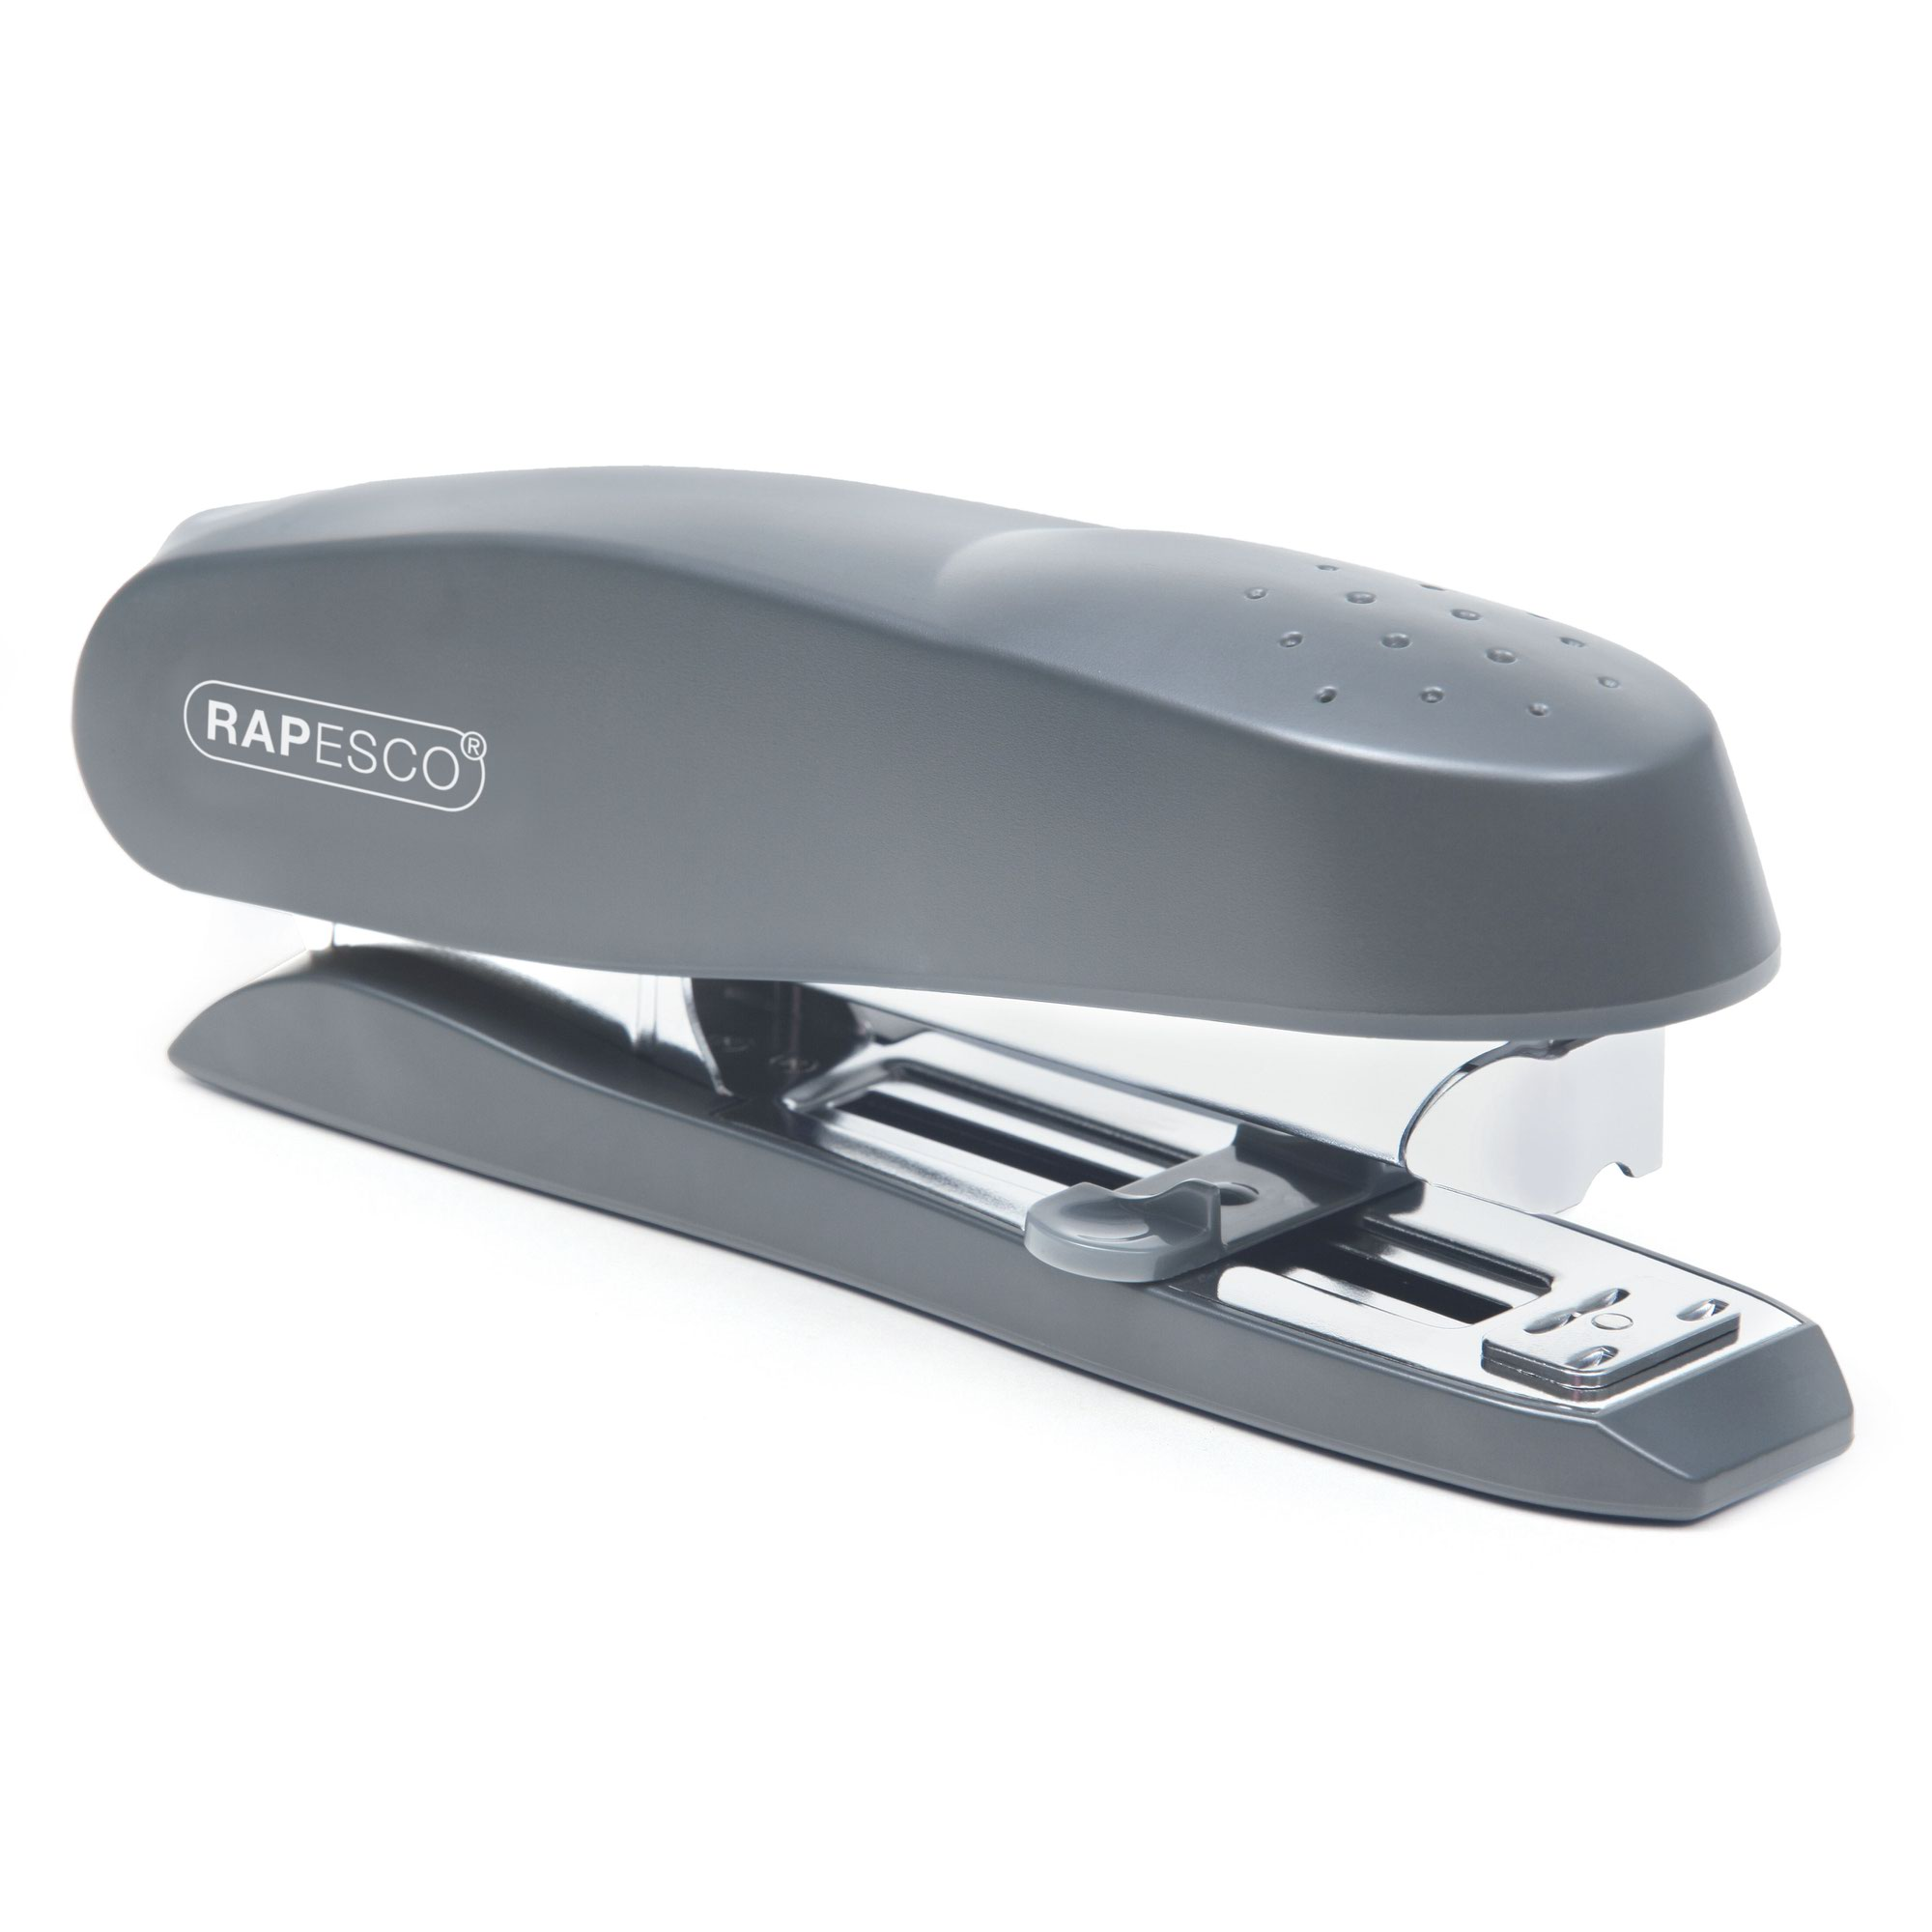 Rapesco Spinna 717 Full Strip Stapler Grey R71726B3